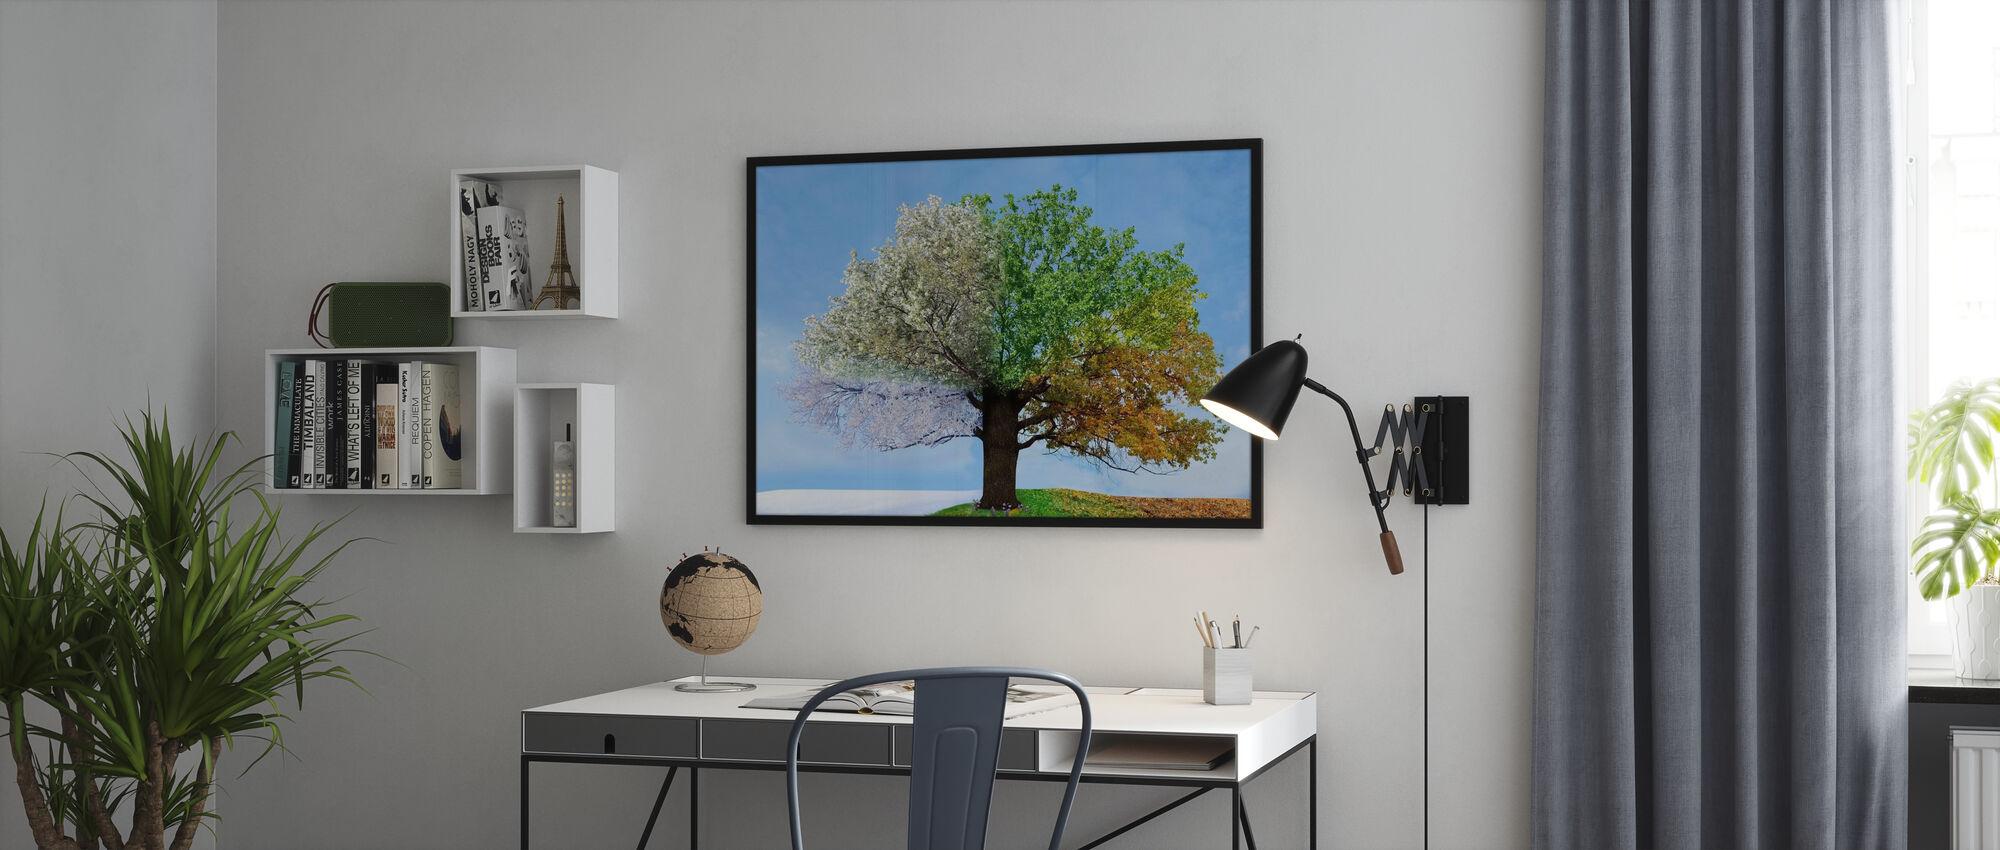 Baum der vier Jahreszeiten - Gerahmtes bild - Büro